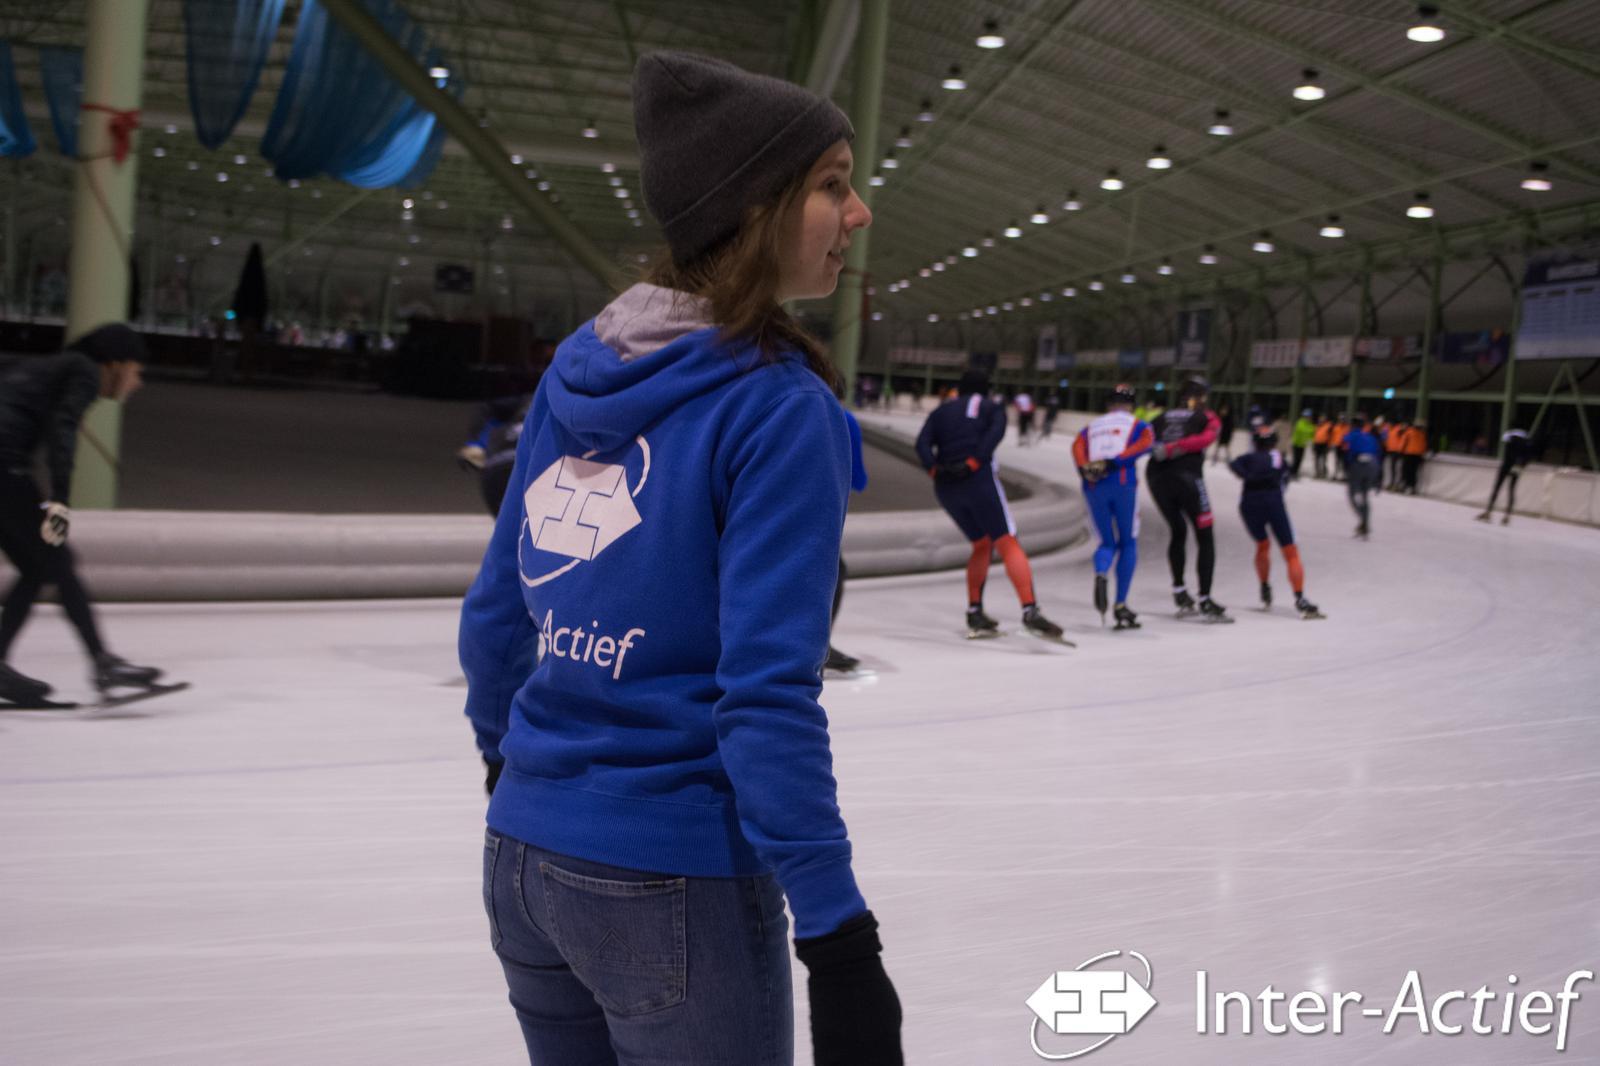 IceSkating20200116_NielsdeGroot-19.jpg